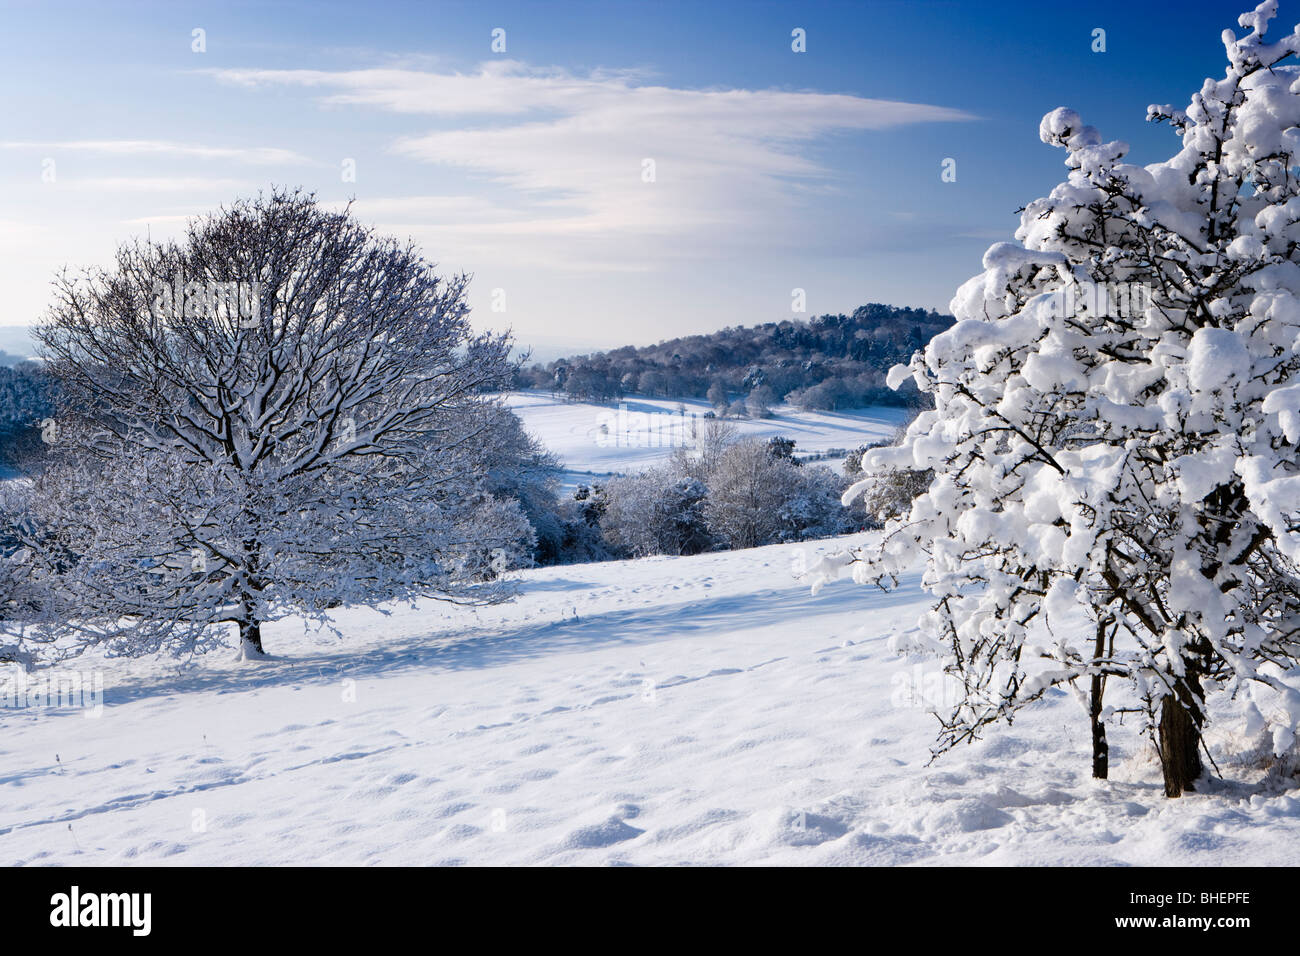 Invierno en Newlands Corner, cerca de Guildford, Surrey, Reino Unido. Imagen De Stock